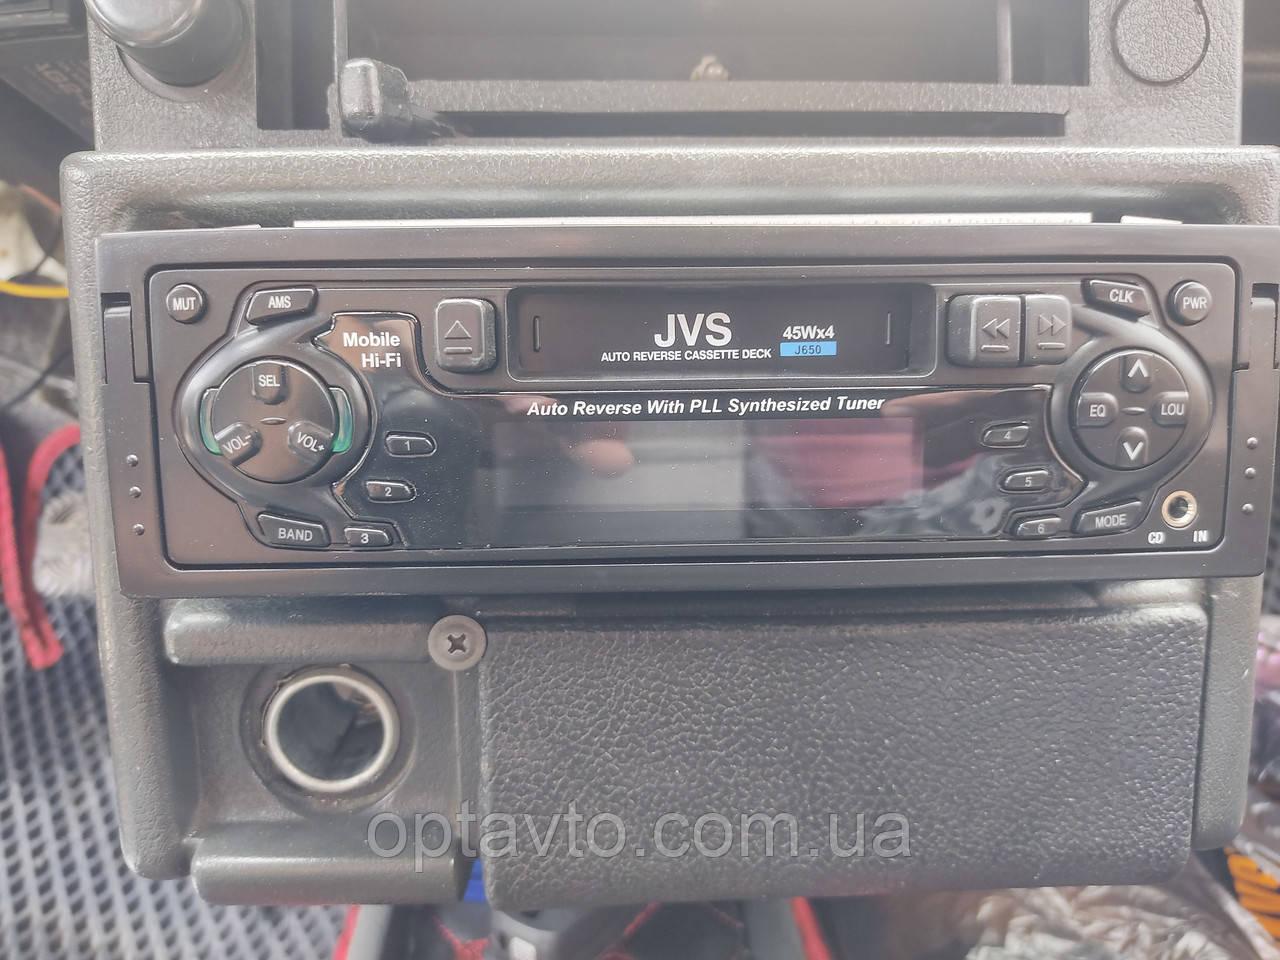 Магнитола в автомобиль с AUX, а также AM-FM приемник, кассетный магнитофон. JVS